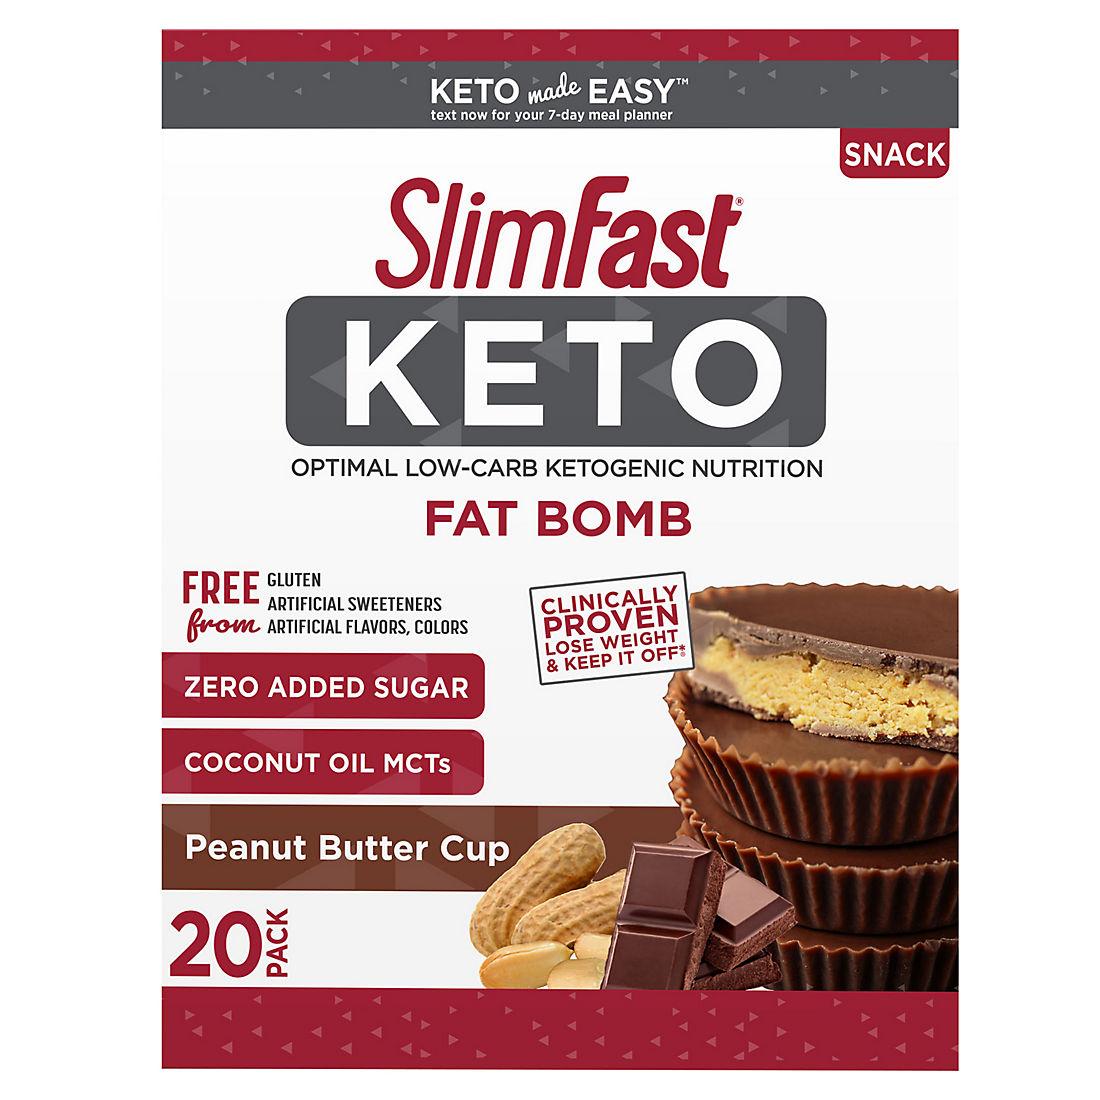 SlimFast Keto Fat Bomb Peanut Butter Cup, 20 ct